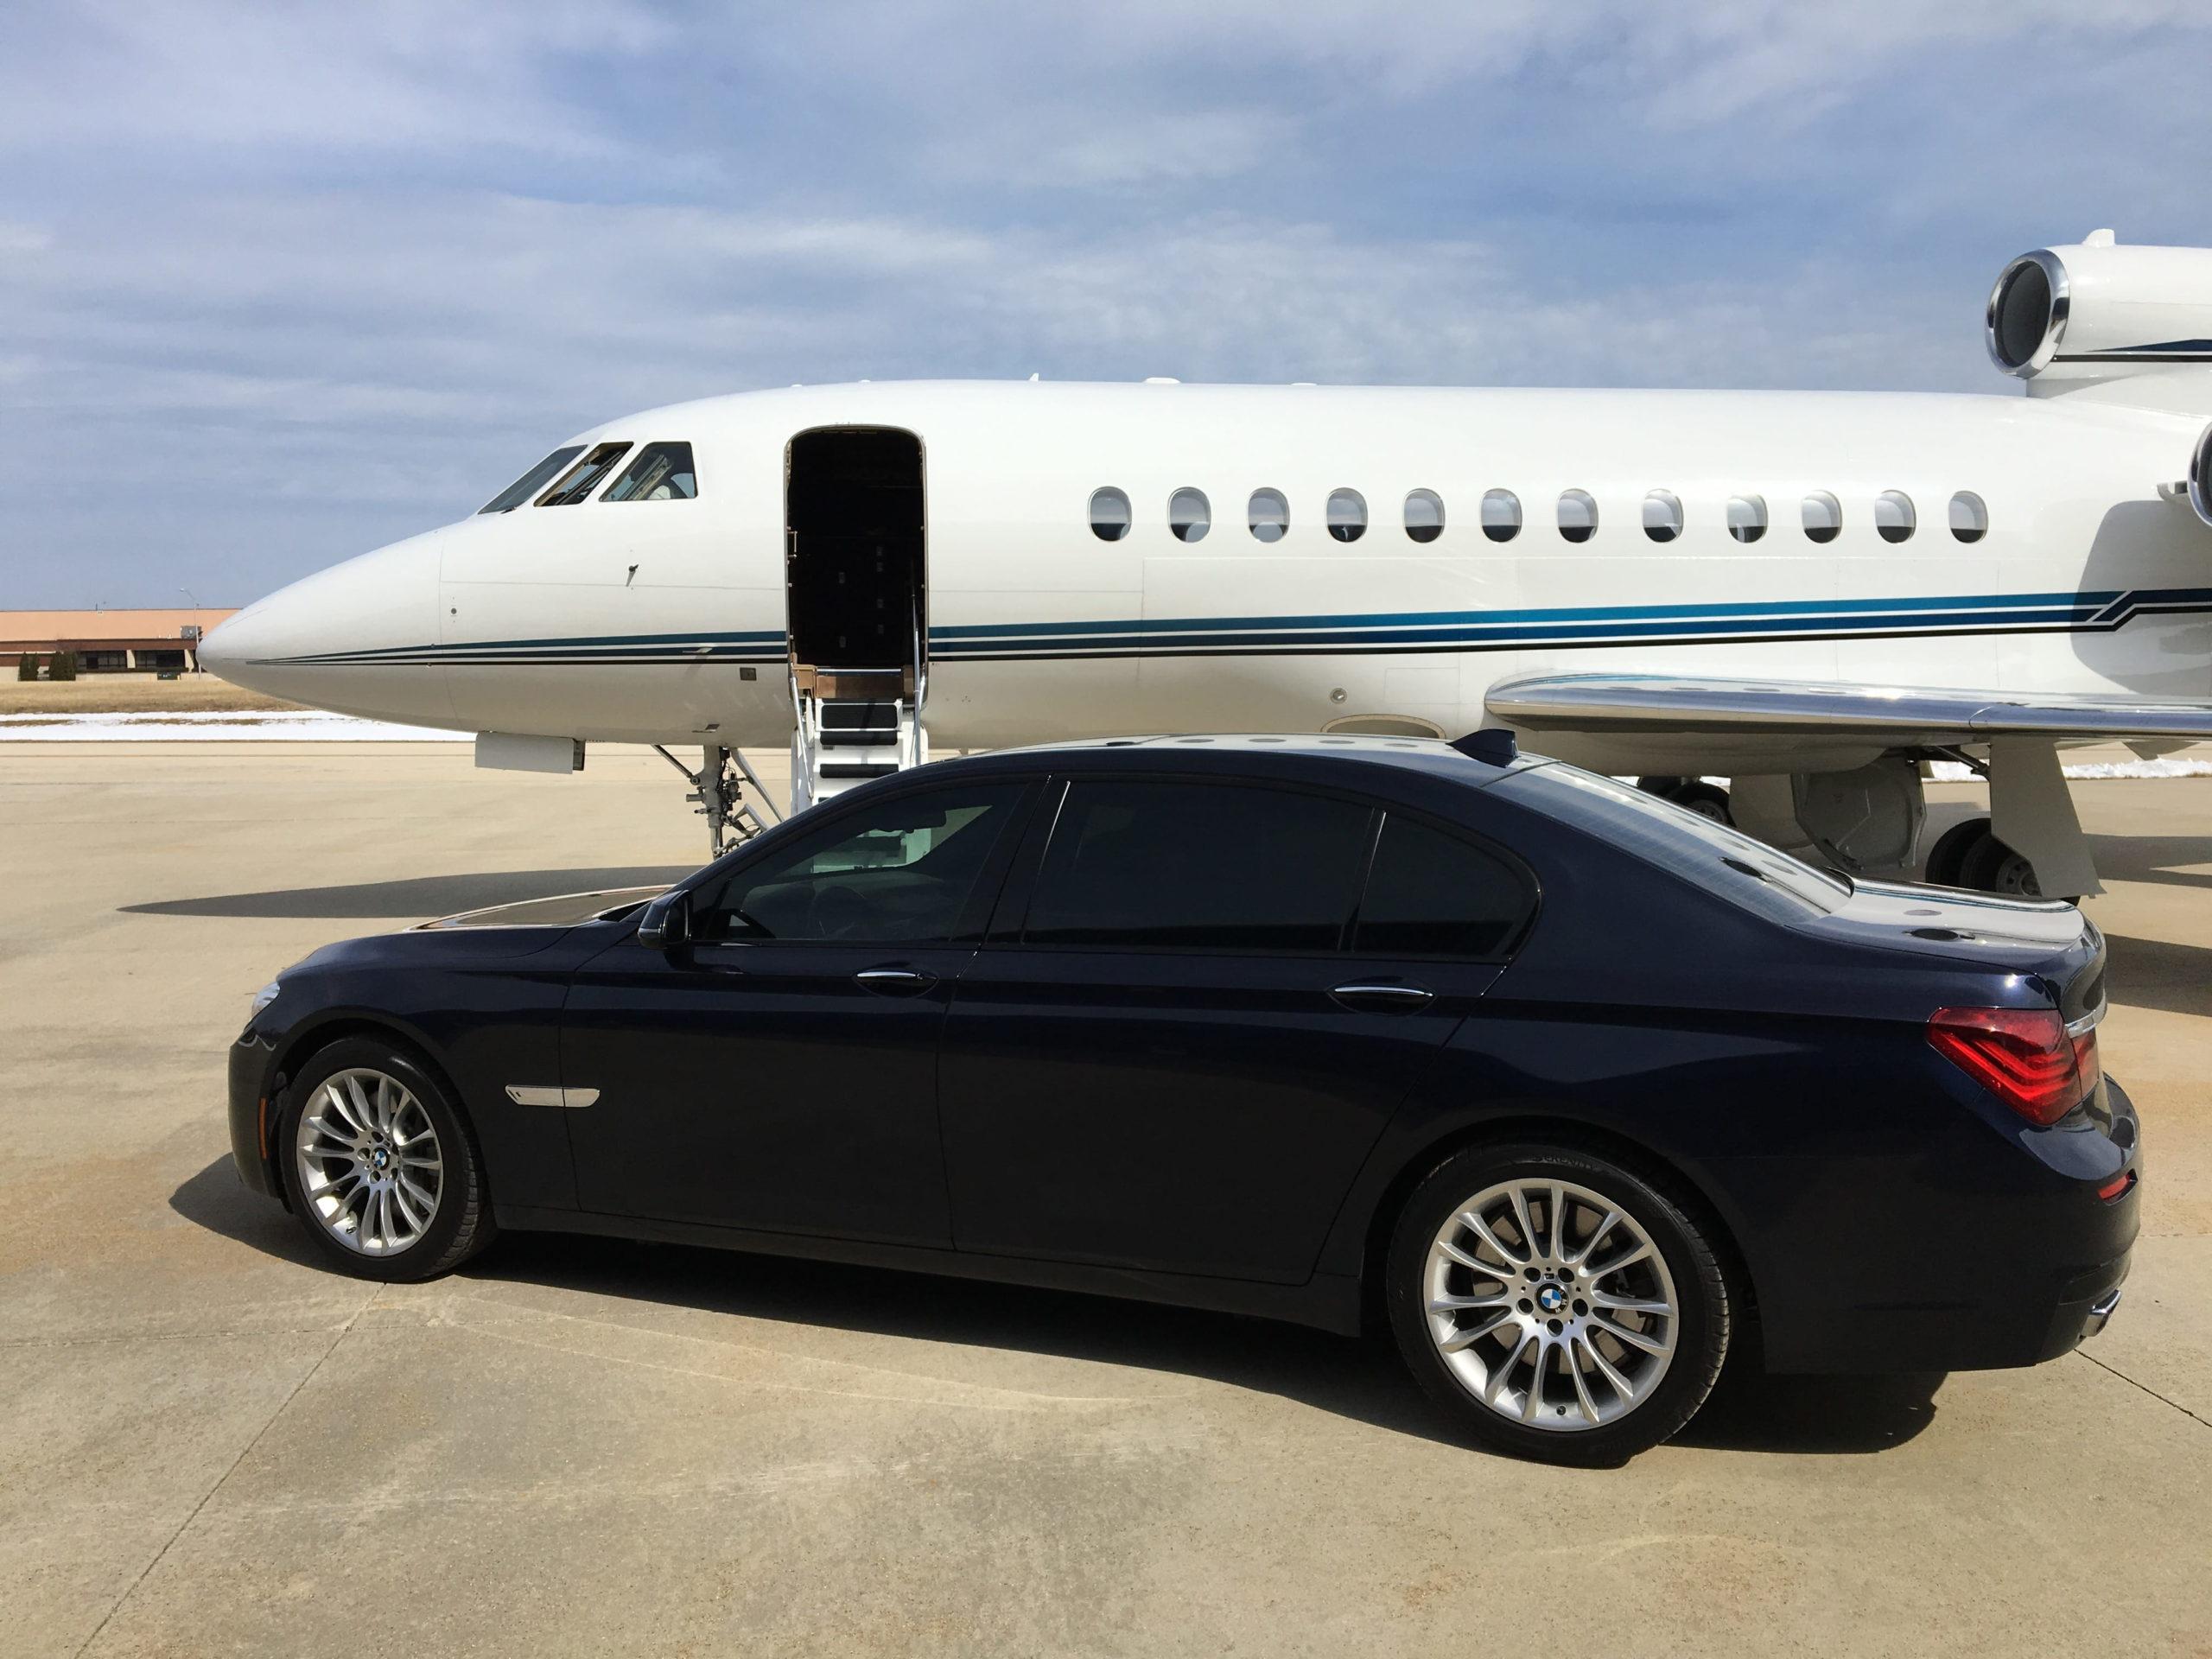 Jet privé et chauffeur privé en BMW